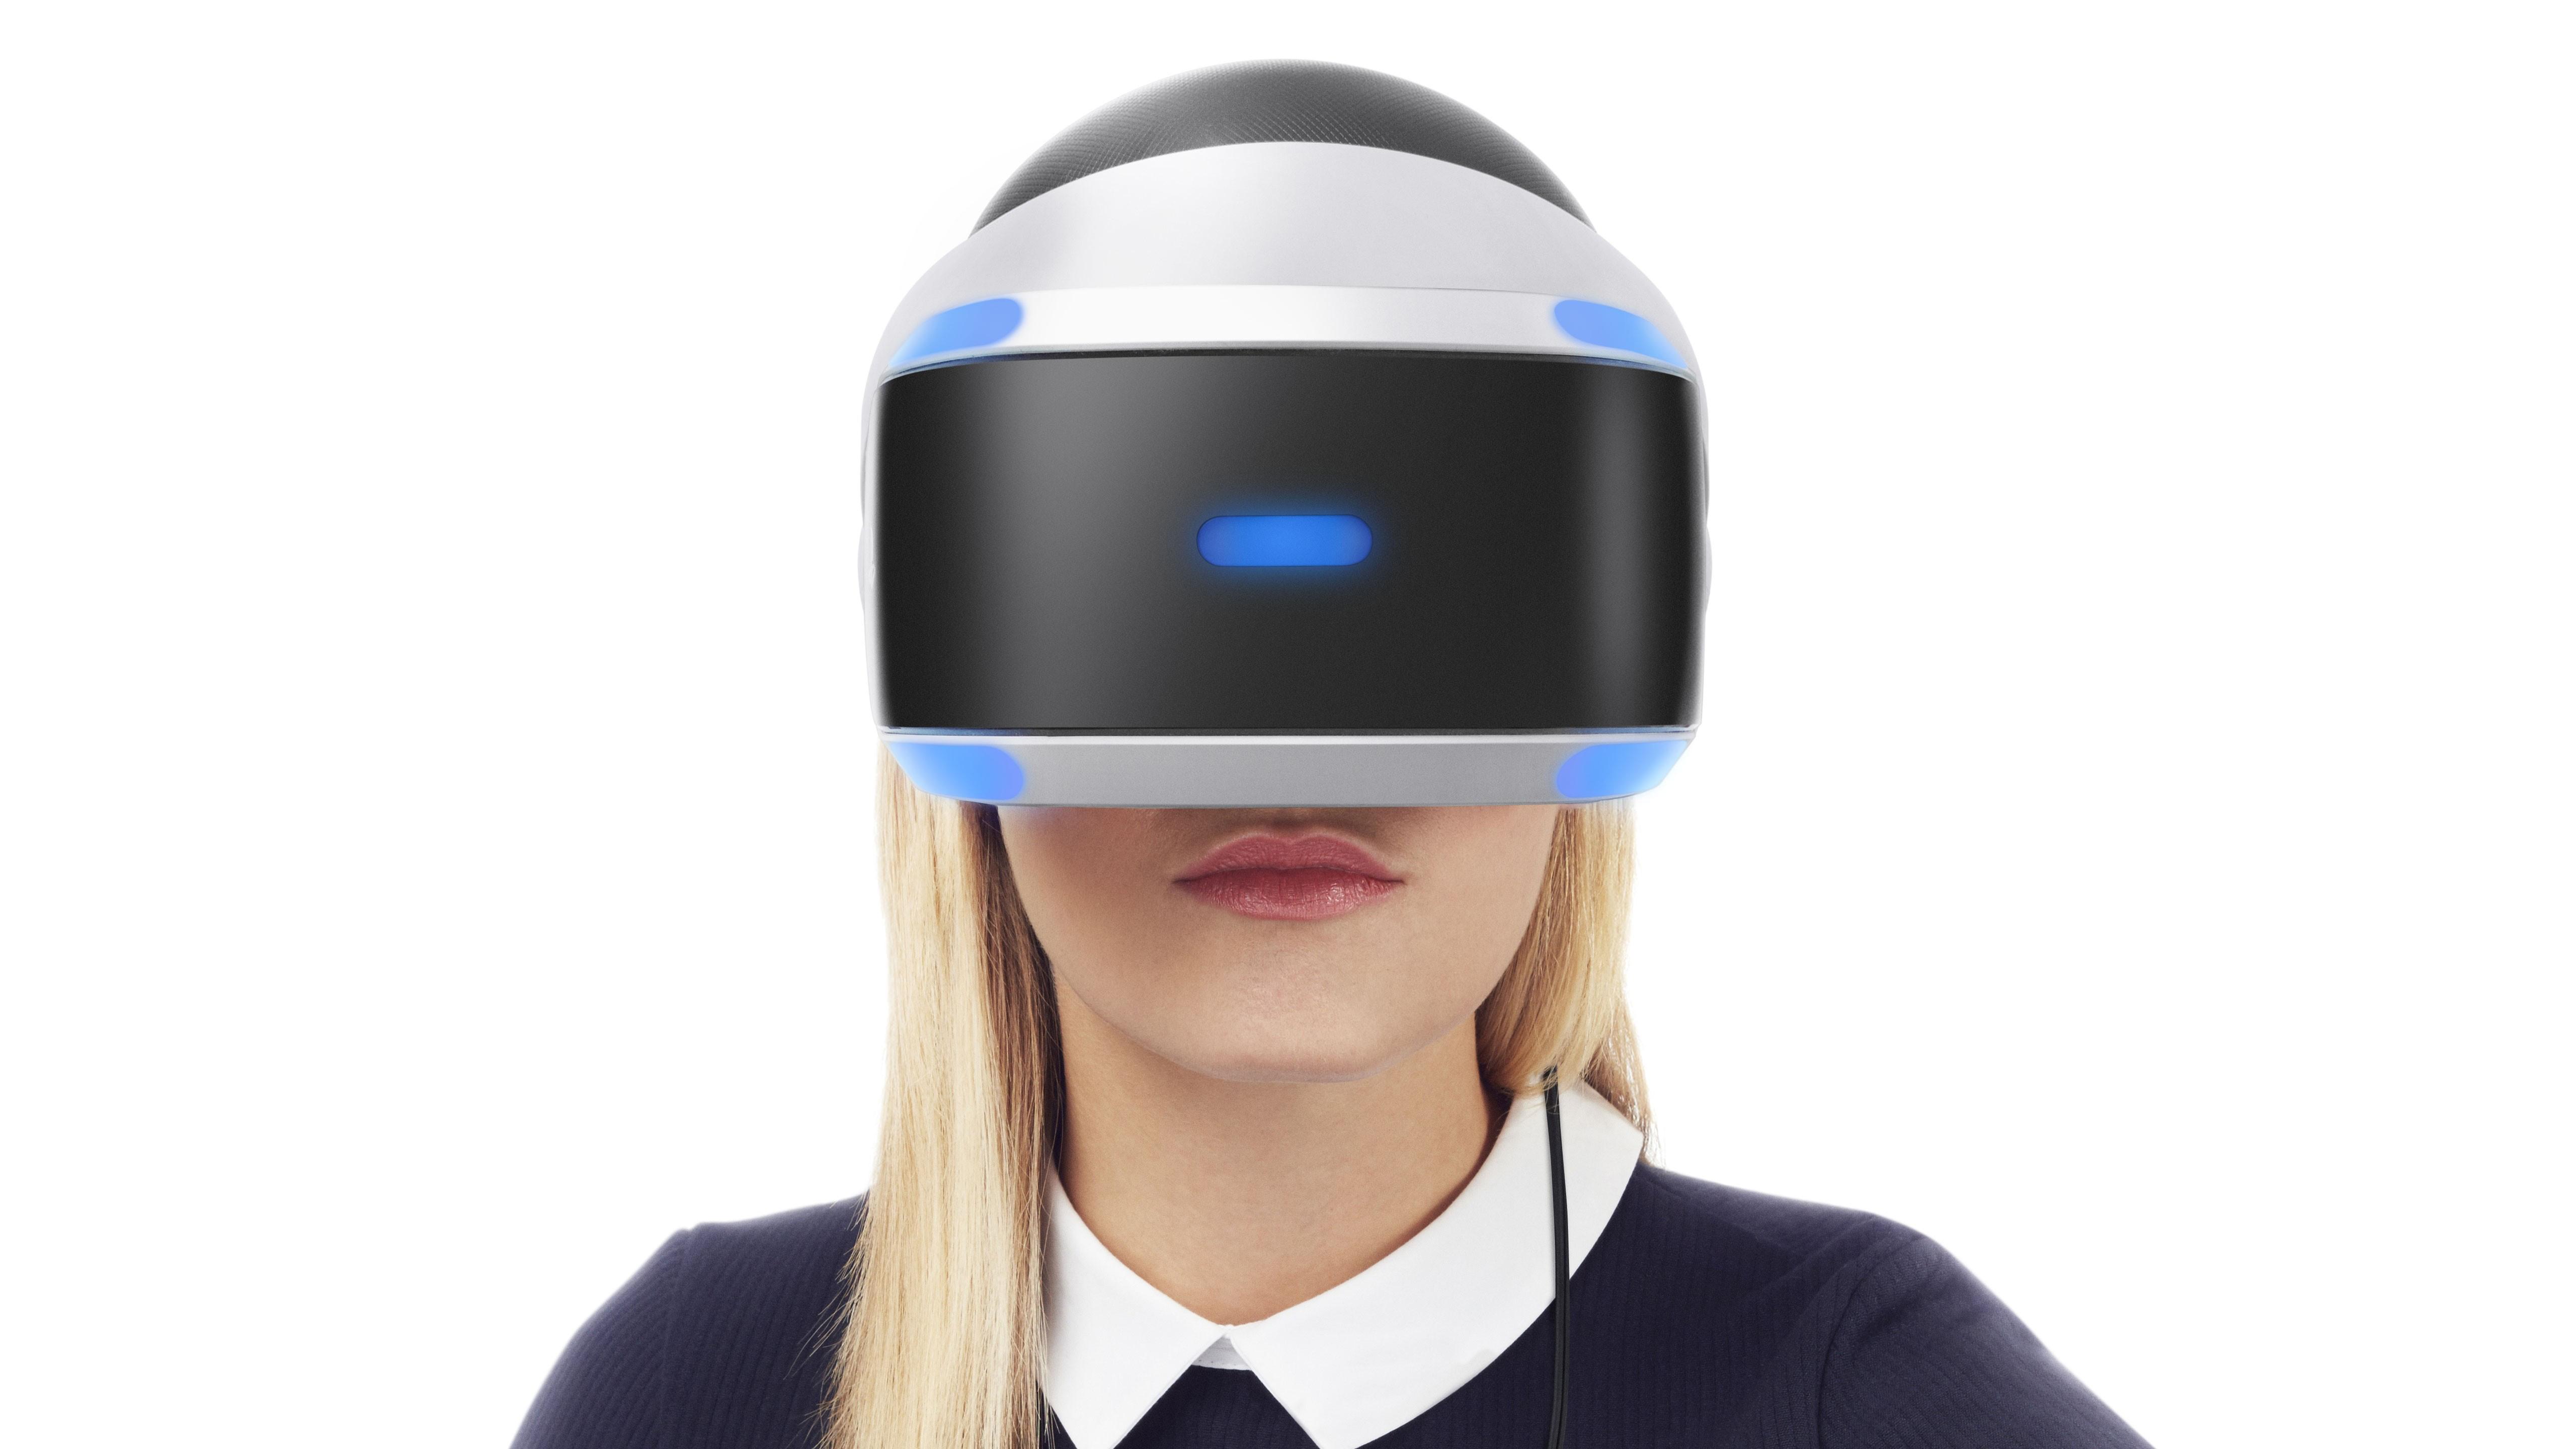 Wallpaper 4k Playstation VR Microsoft, PLAYSTATION